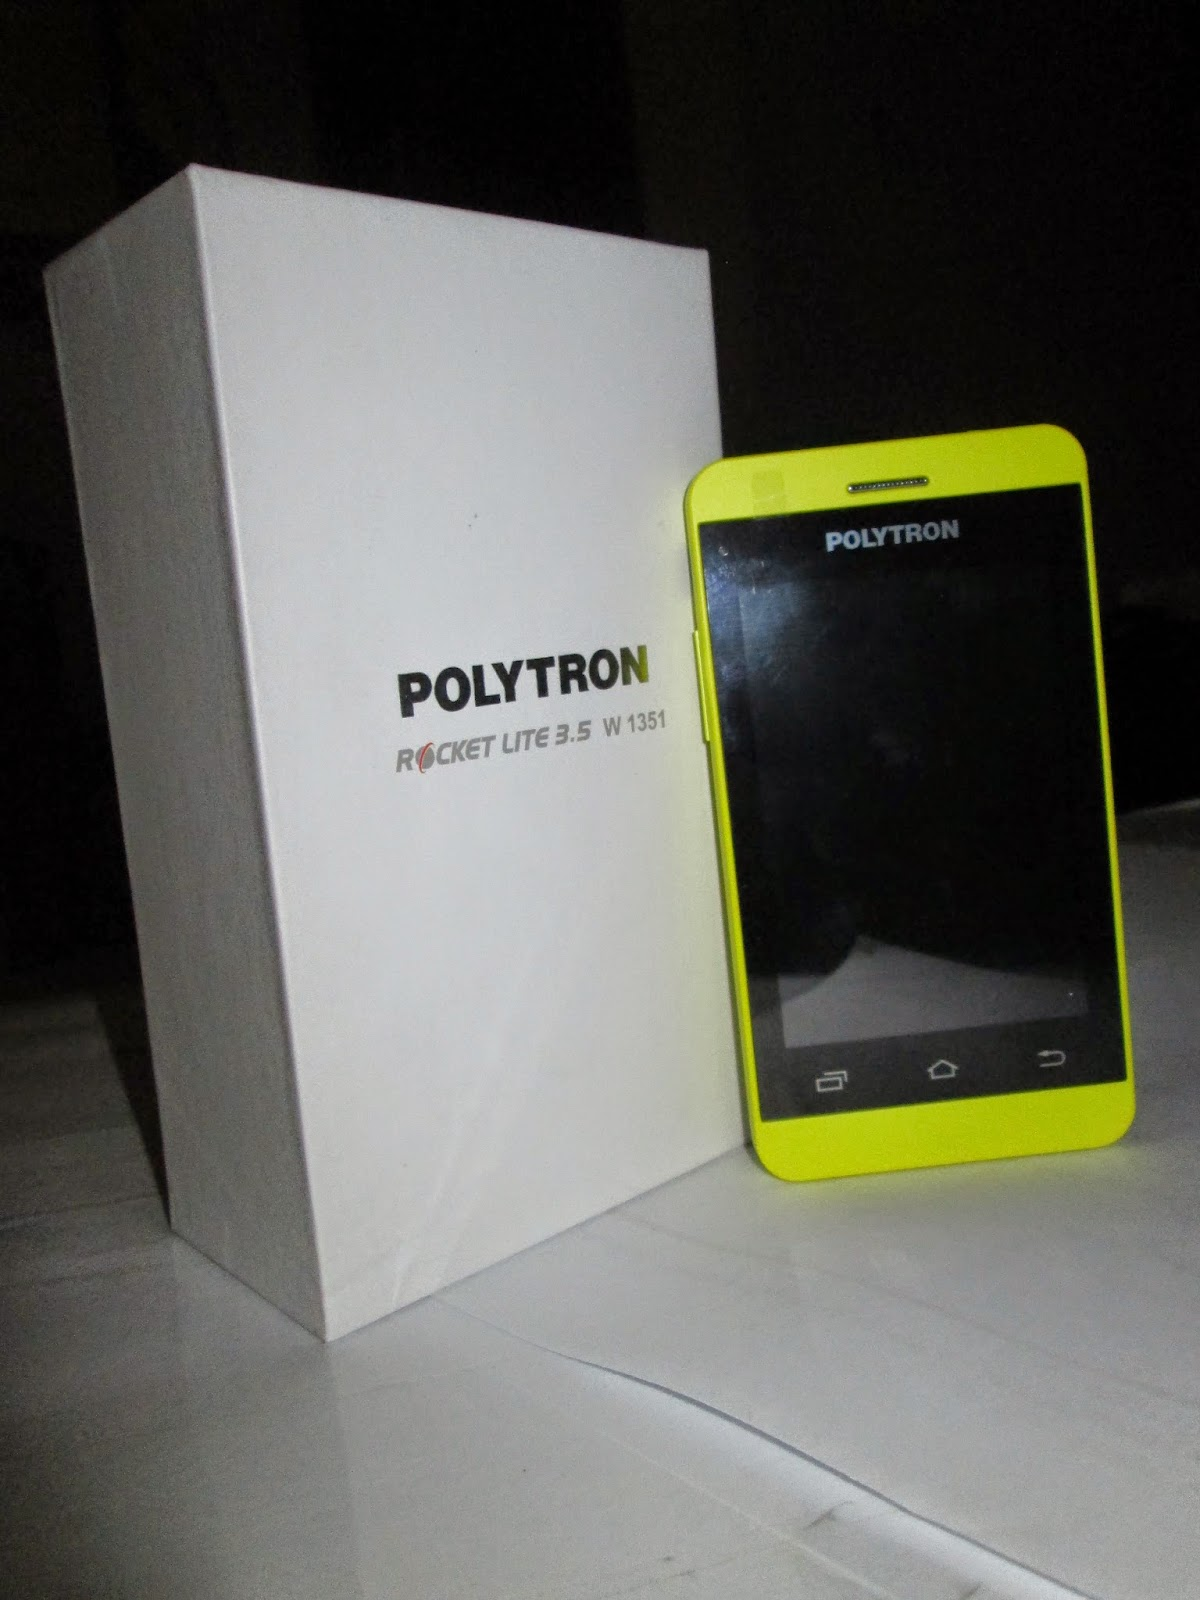 Polytron Rocket Lite 3 5 W 1351